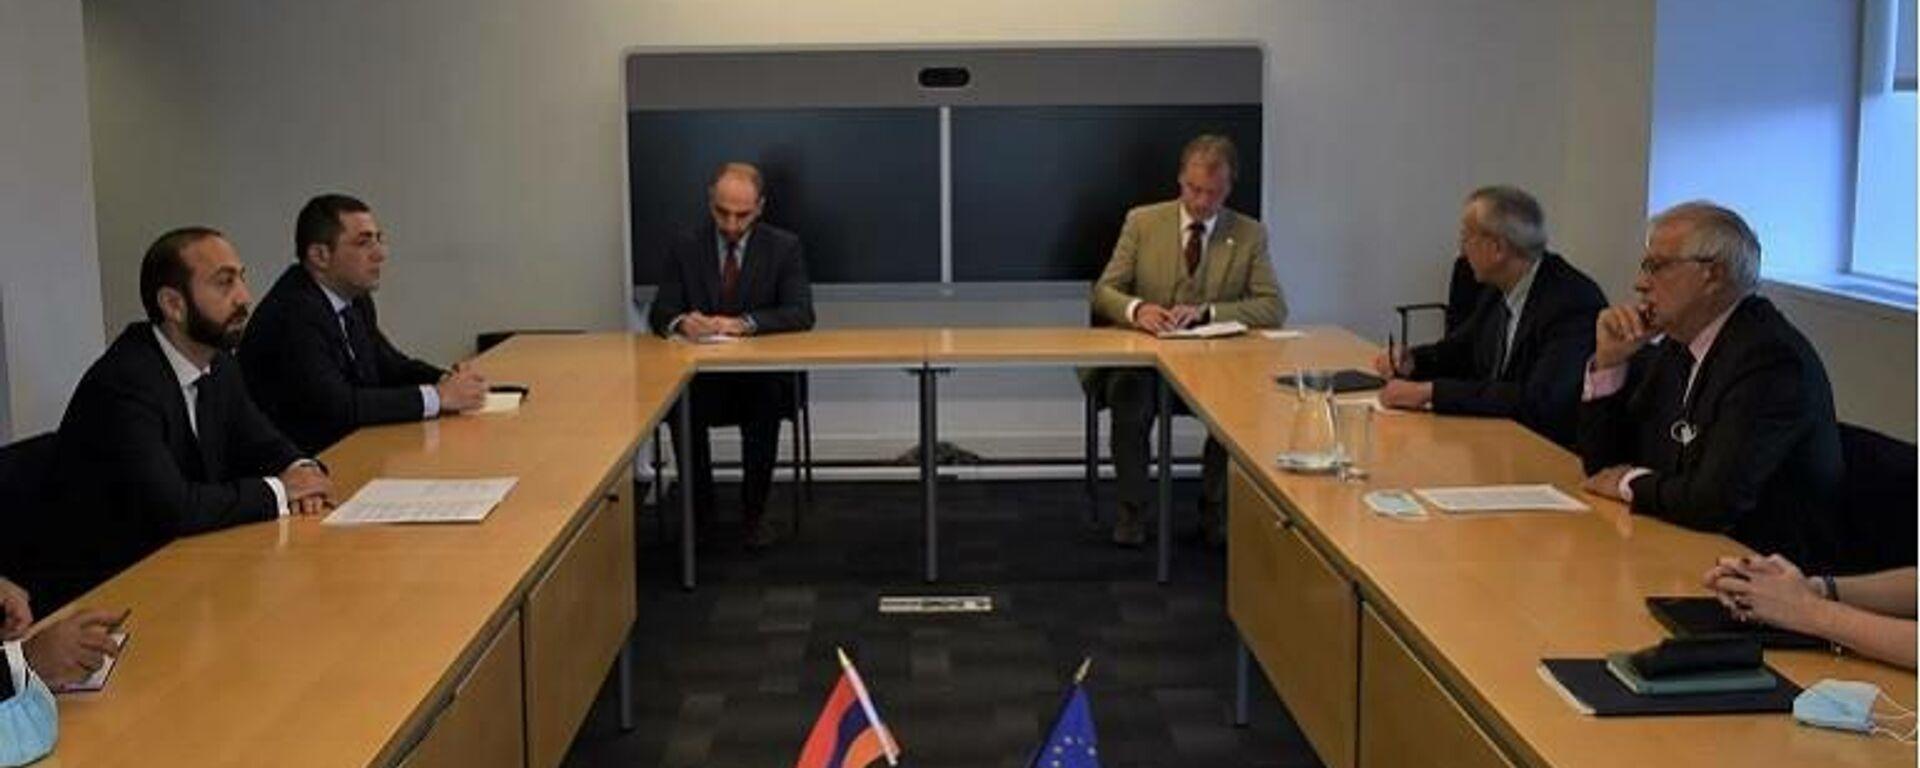 Министр иностранных дел Армении Арарат Мирзоян встретился с верховным представителем ЕС по иностранным делам и политике безопасности Джозефом Борелем (24 сентября 2021). Нью-Йорк - Sputnik Армения, 1920, 25.09.2021